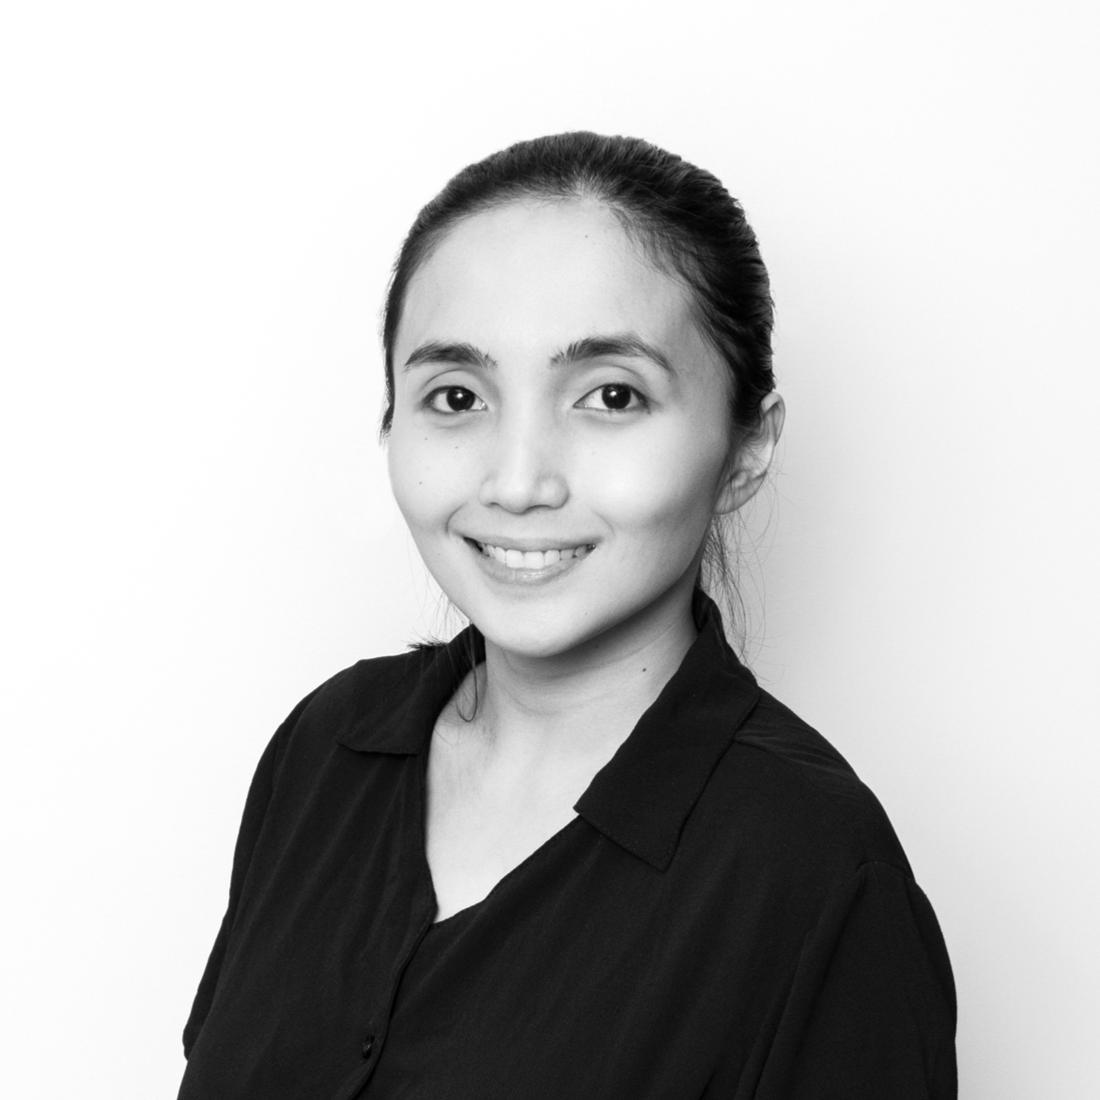 Danine Dela Cruz